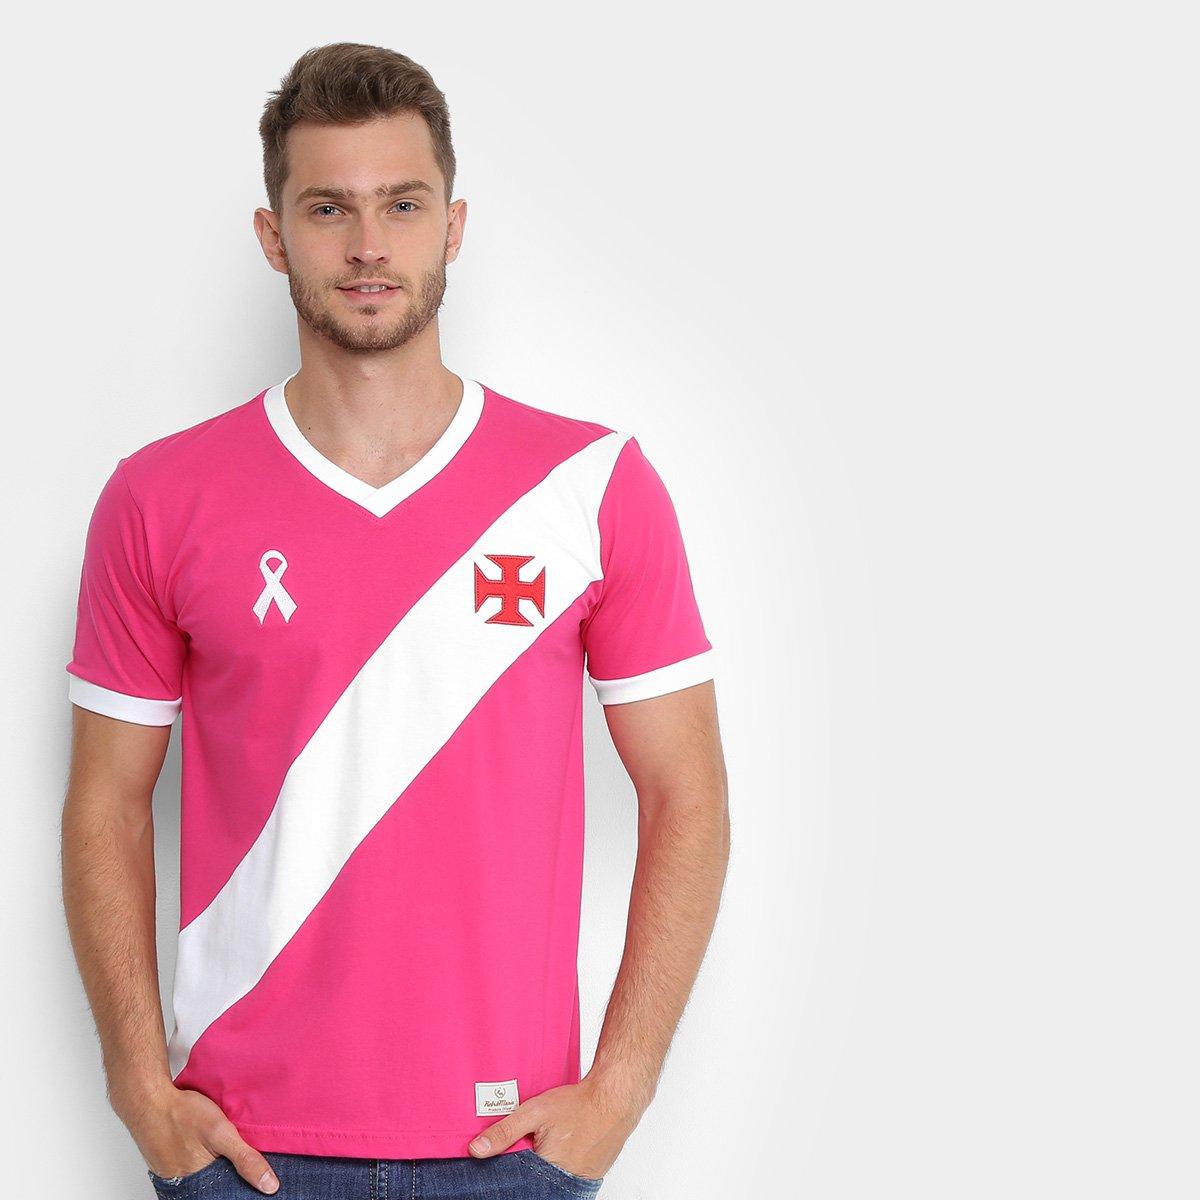 8384994bb5 Camiseta Vasco da Gama Outubro Rosa Masculina - Rosa e Branco ...